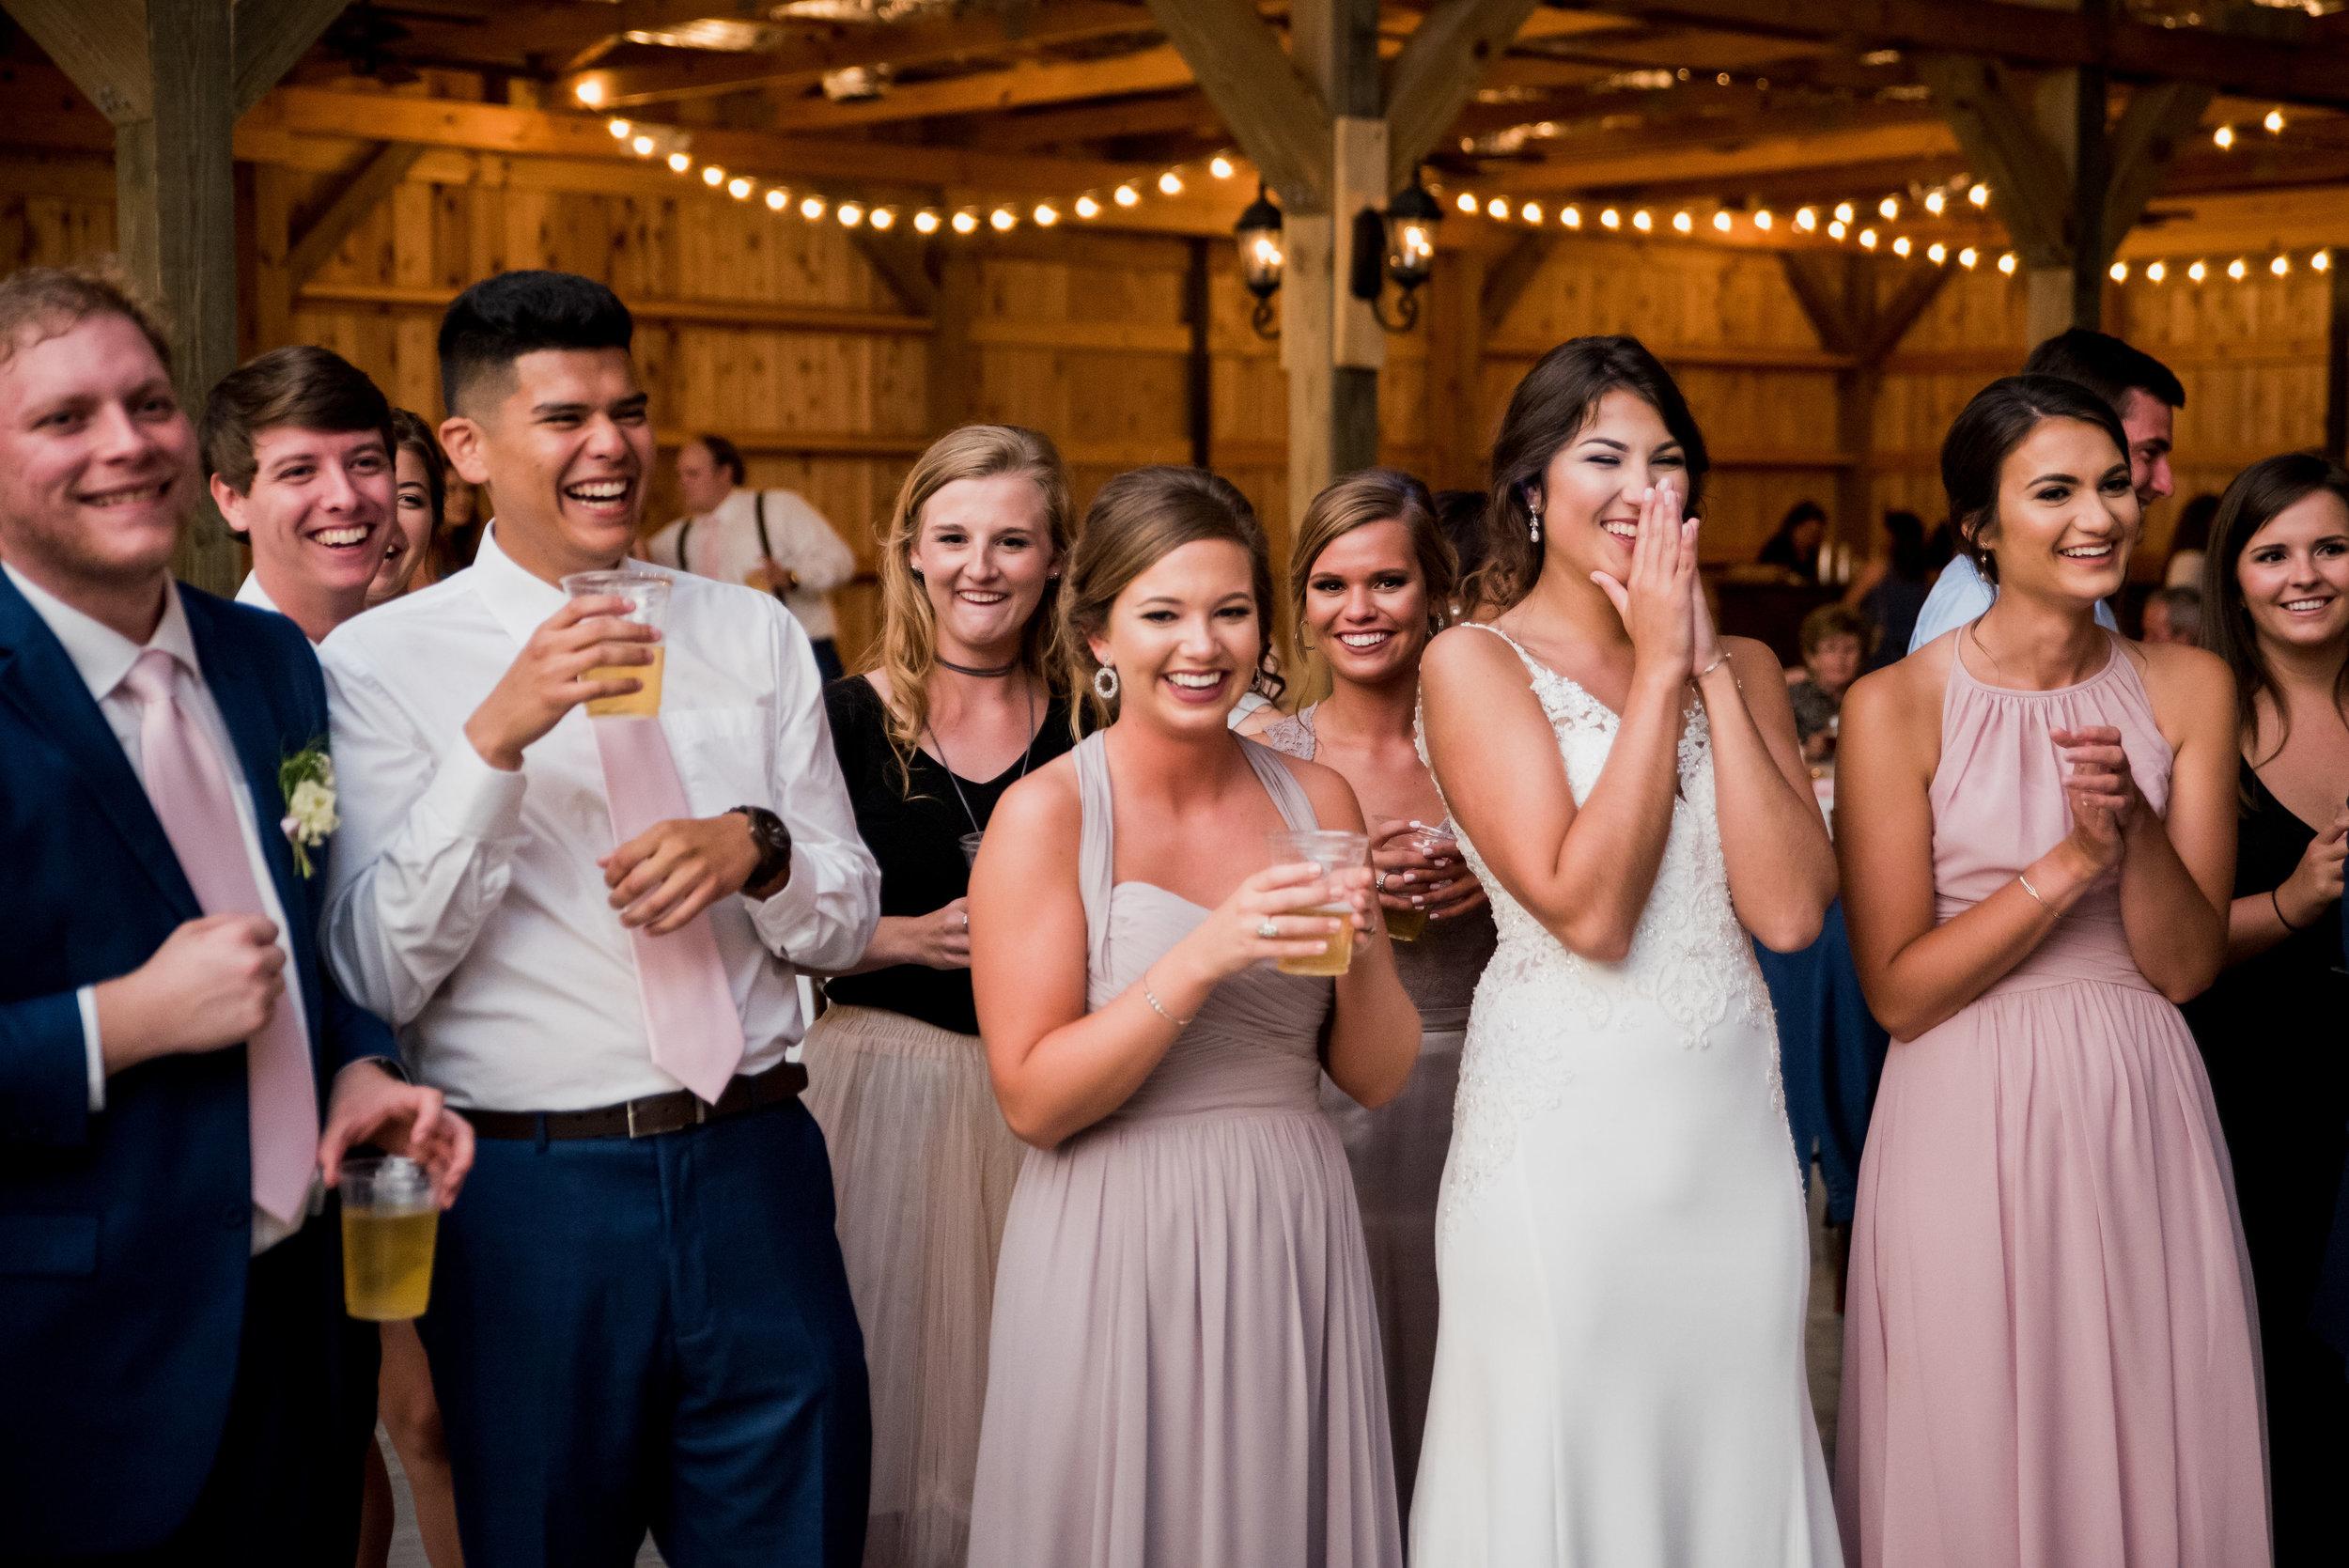 Saddlewood-Farms-Nashville-Wedding-Photographers-767.jpg